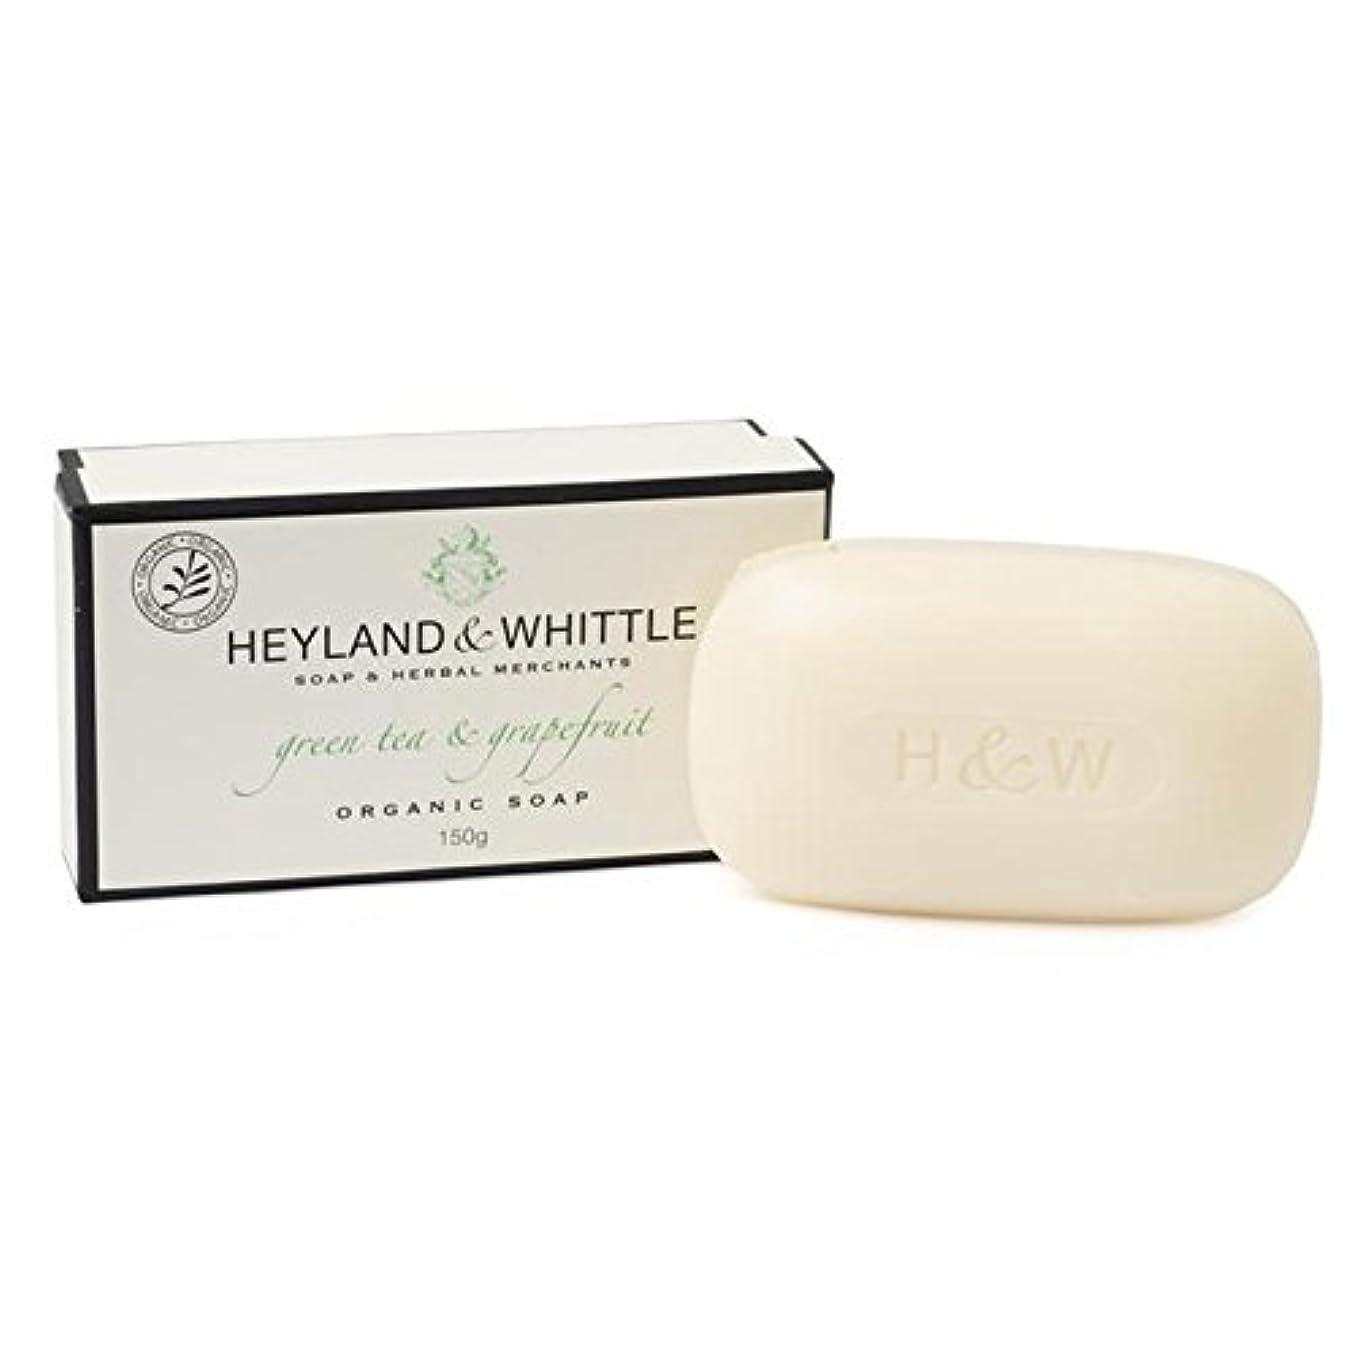 スラダム促進する胆嚢&削る緑茶&グレープフルーツはオーガニックソープ150グラム箱入り x4 - Heyland & Whittle Green Tea & Grapefruit Boxed Organic Soap 150g (Pack of 4) [並行輸入品]